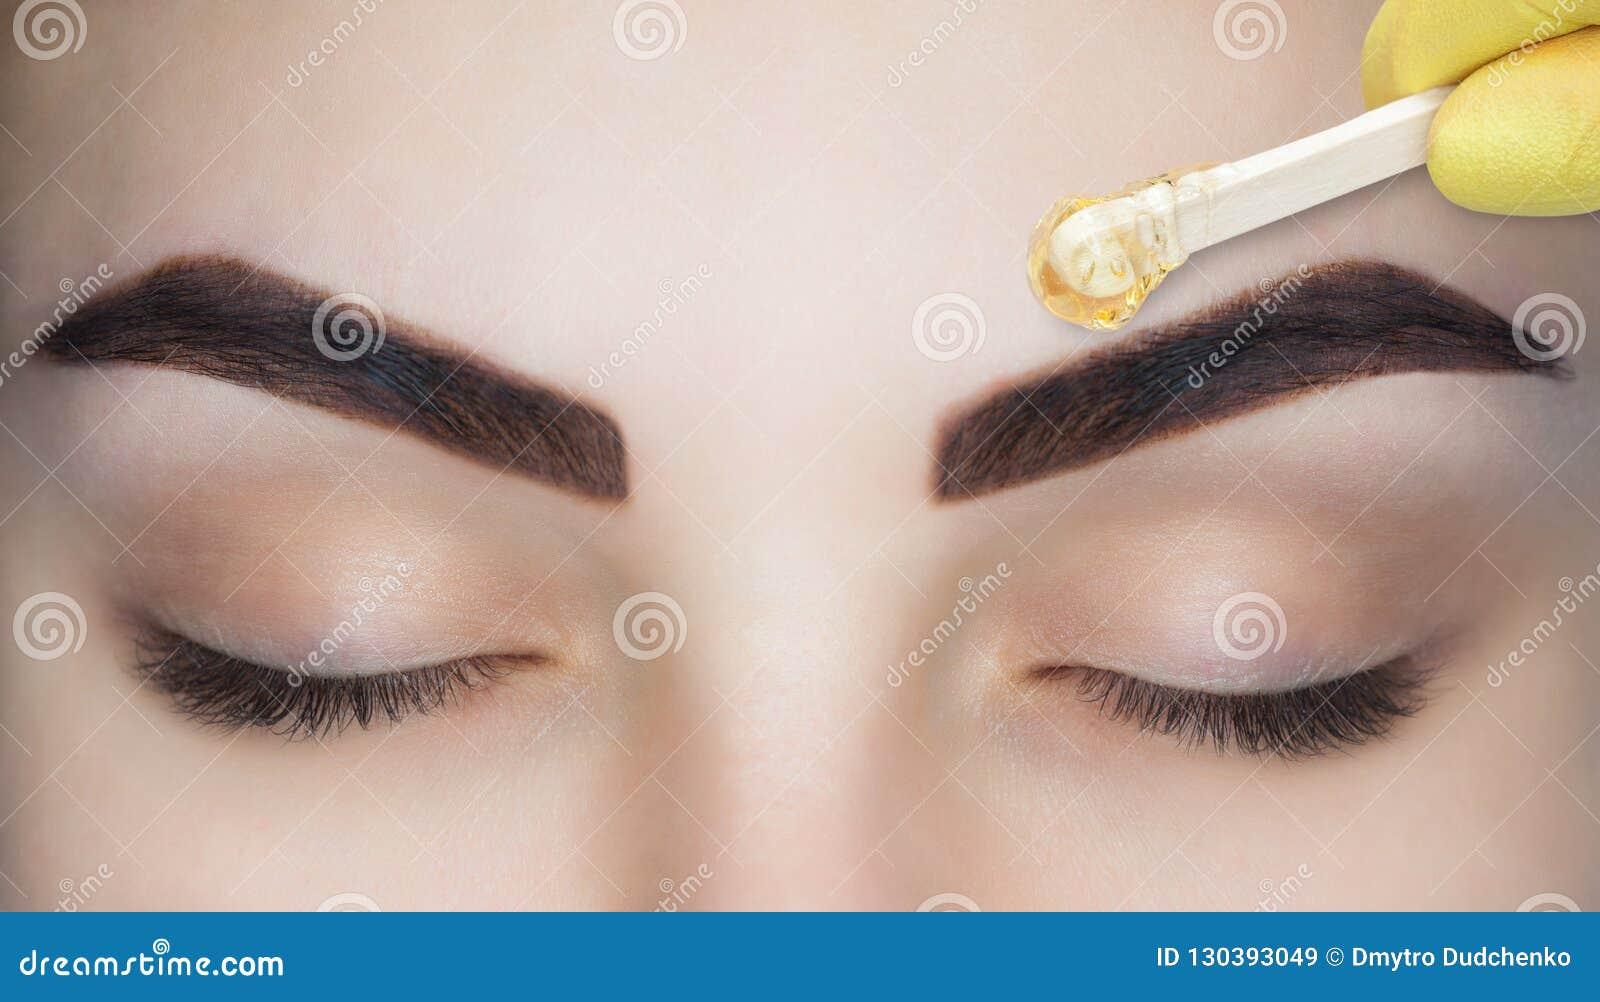 El artista de maquillaje despluma sus cejas, antes del procedimiento del maquillaje permanente